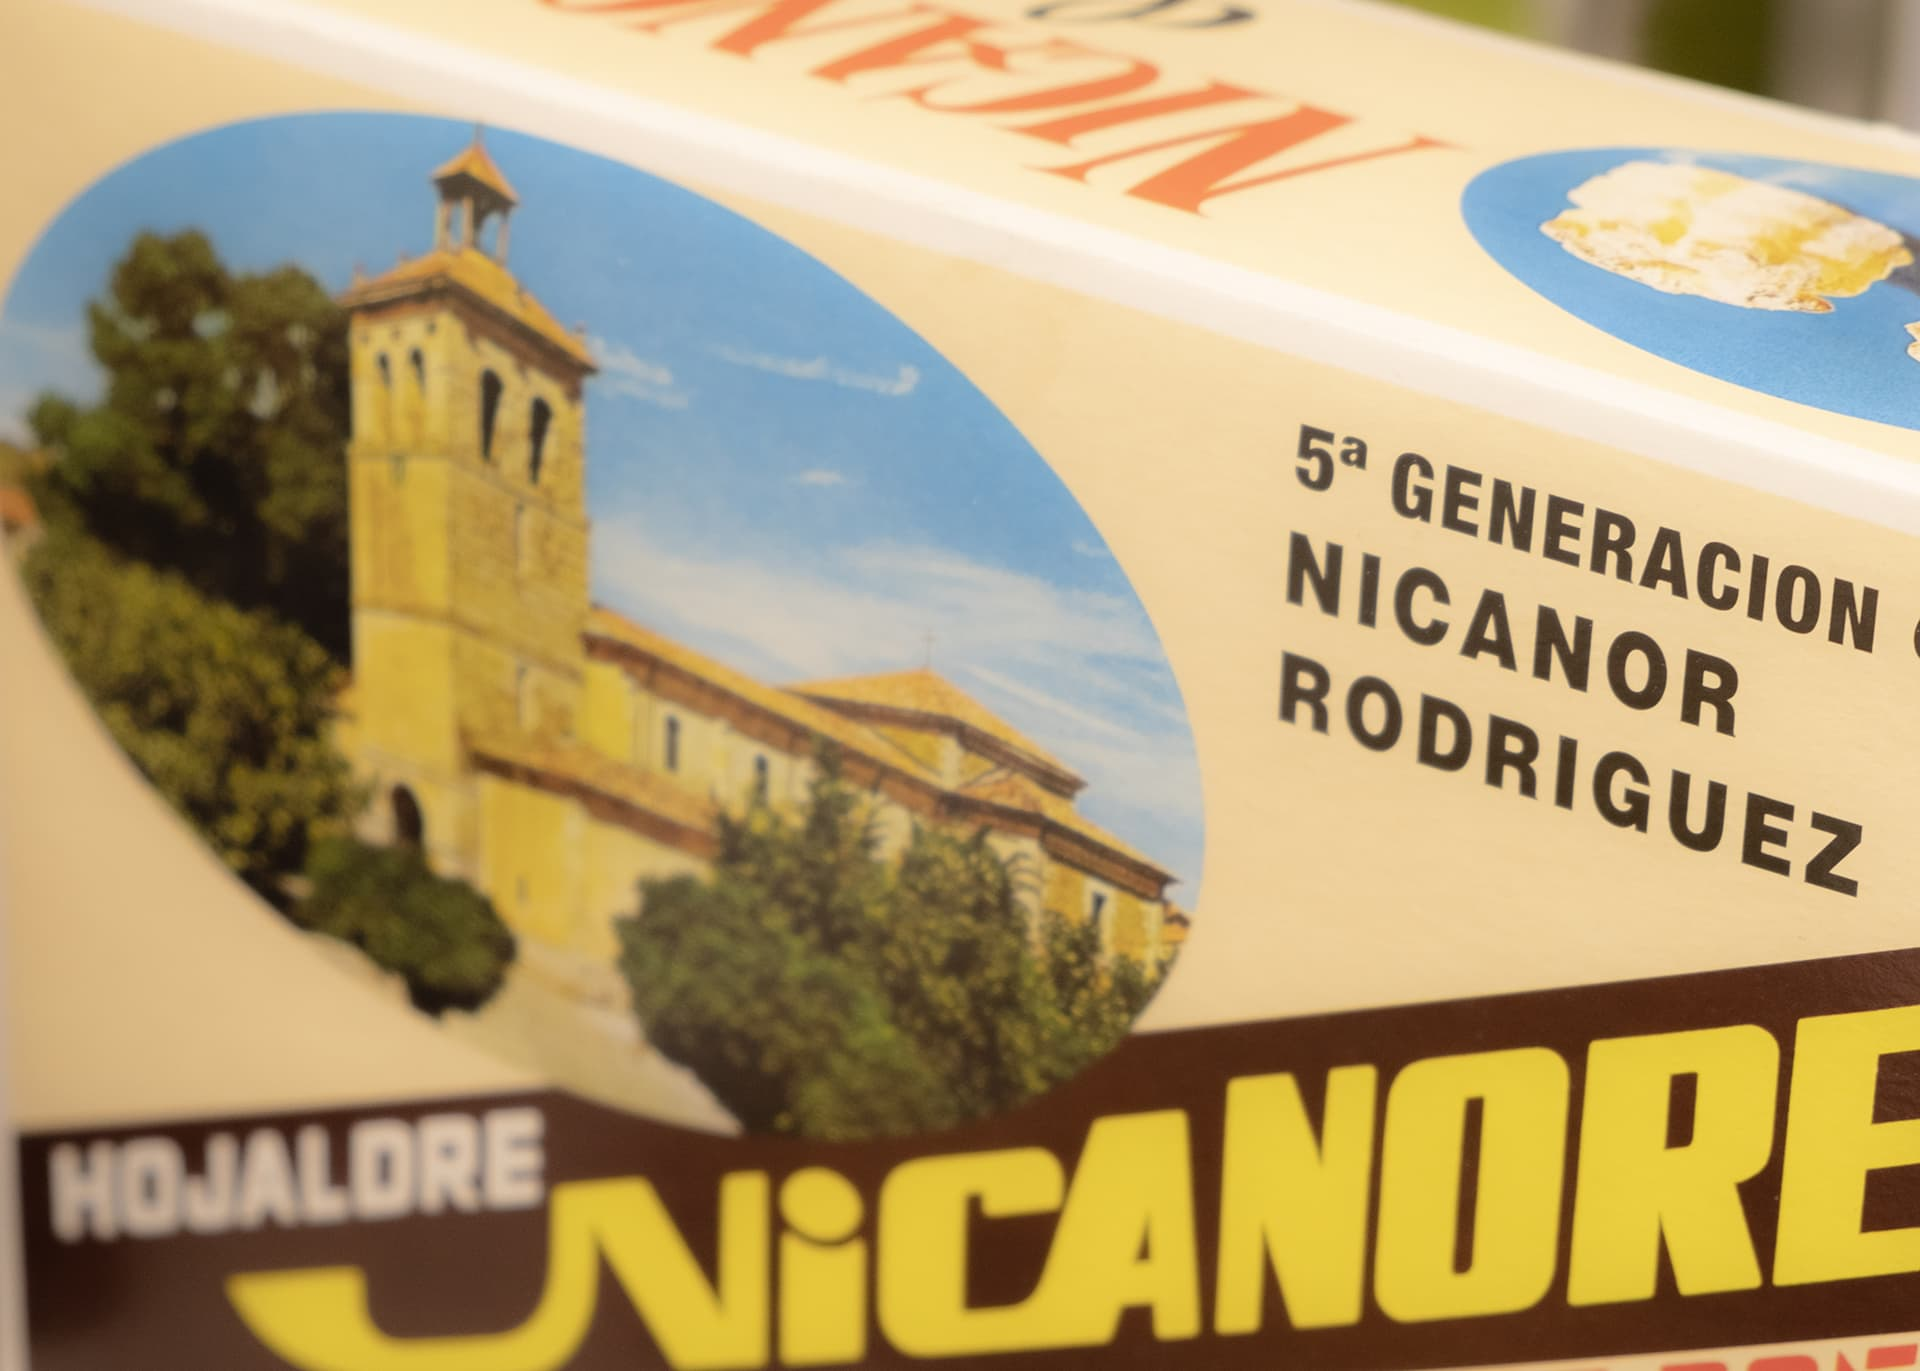 Nicanores de Boñar está en la Quinta Generación y así lo refleja en el envase tradicional y la foto de la iglesia de Boñar y el mítico Negrillón